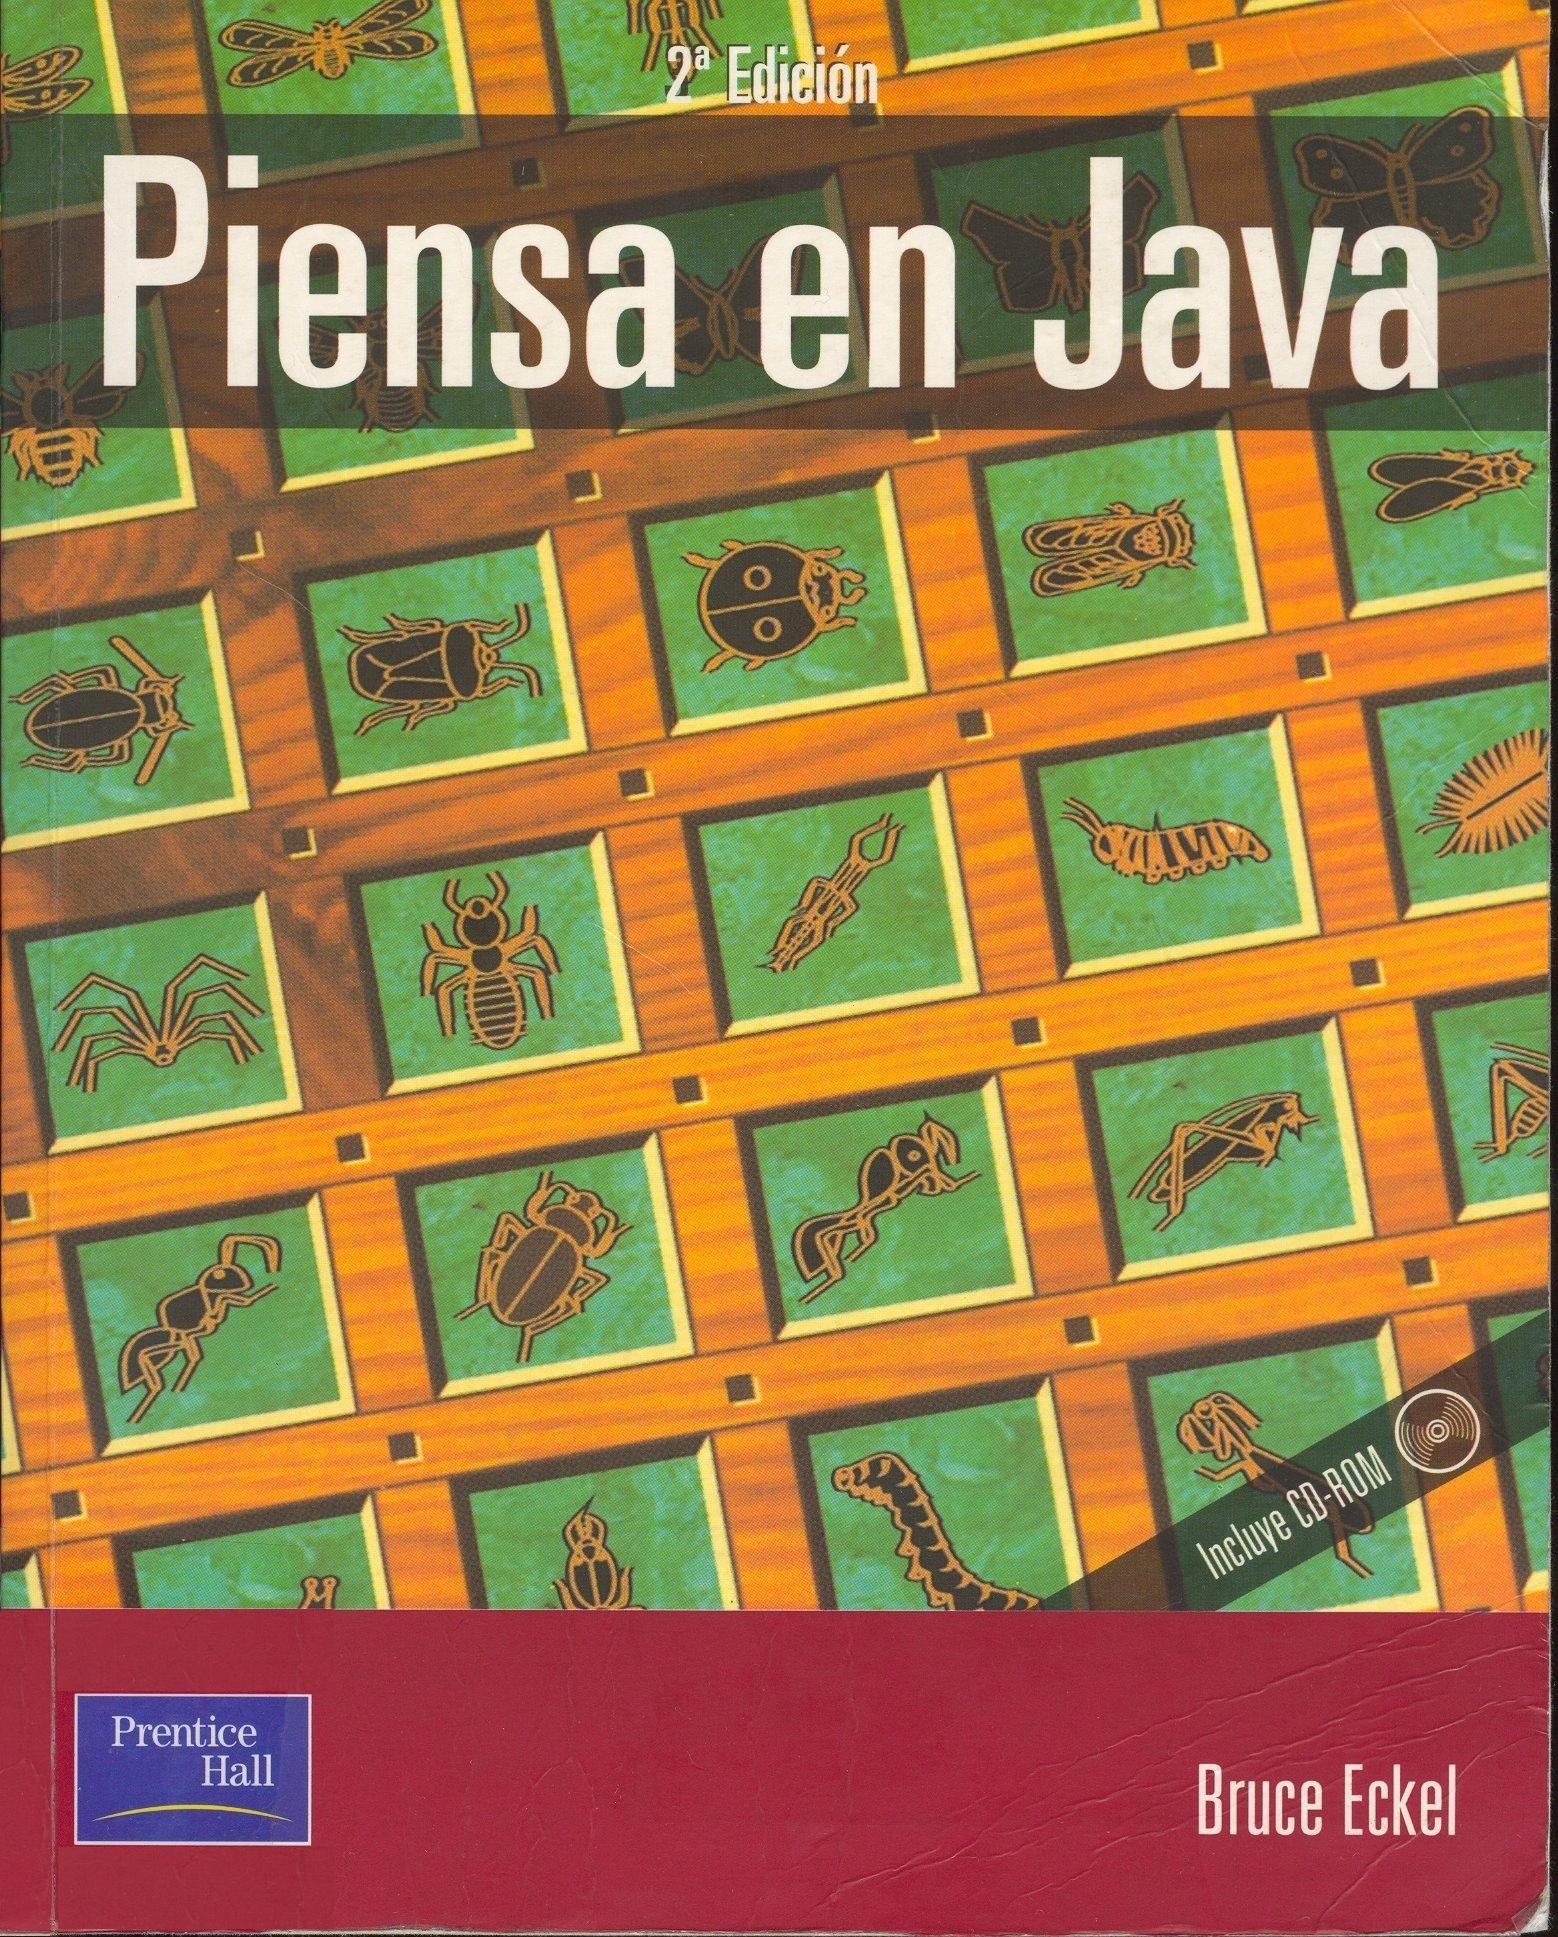 1501140516_Piensa_en_Java__Bruce_Eckel__-_Segunda_Edicion_-_Prentice_Hall